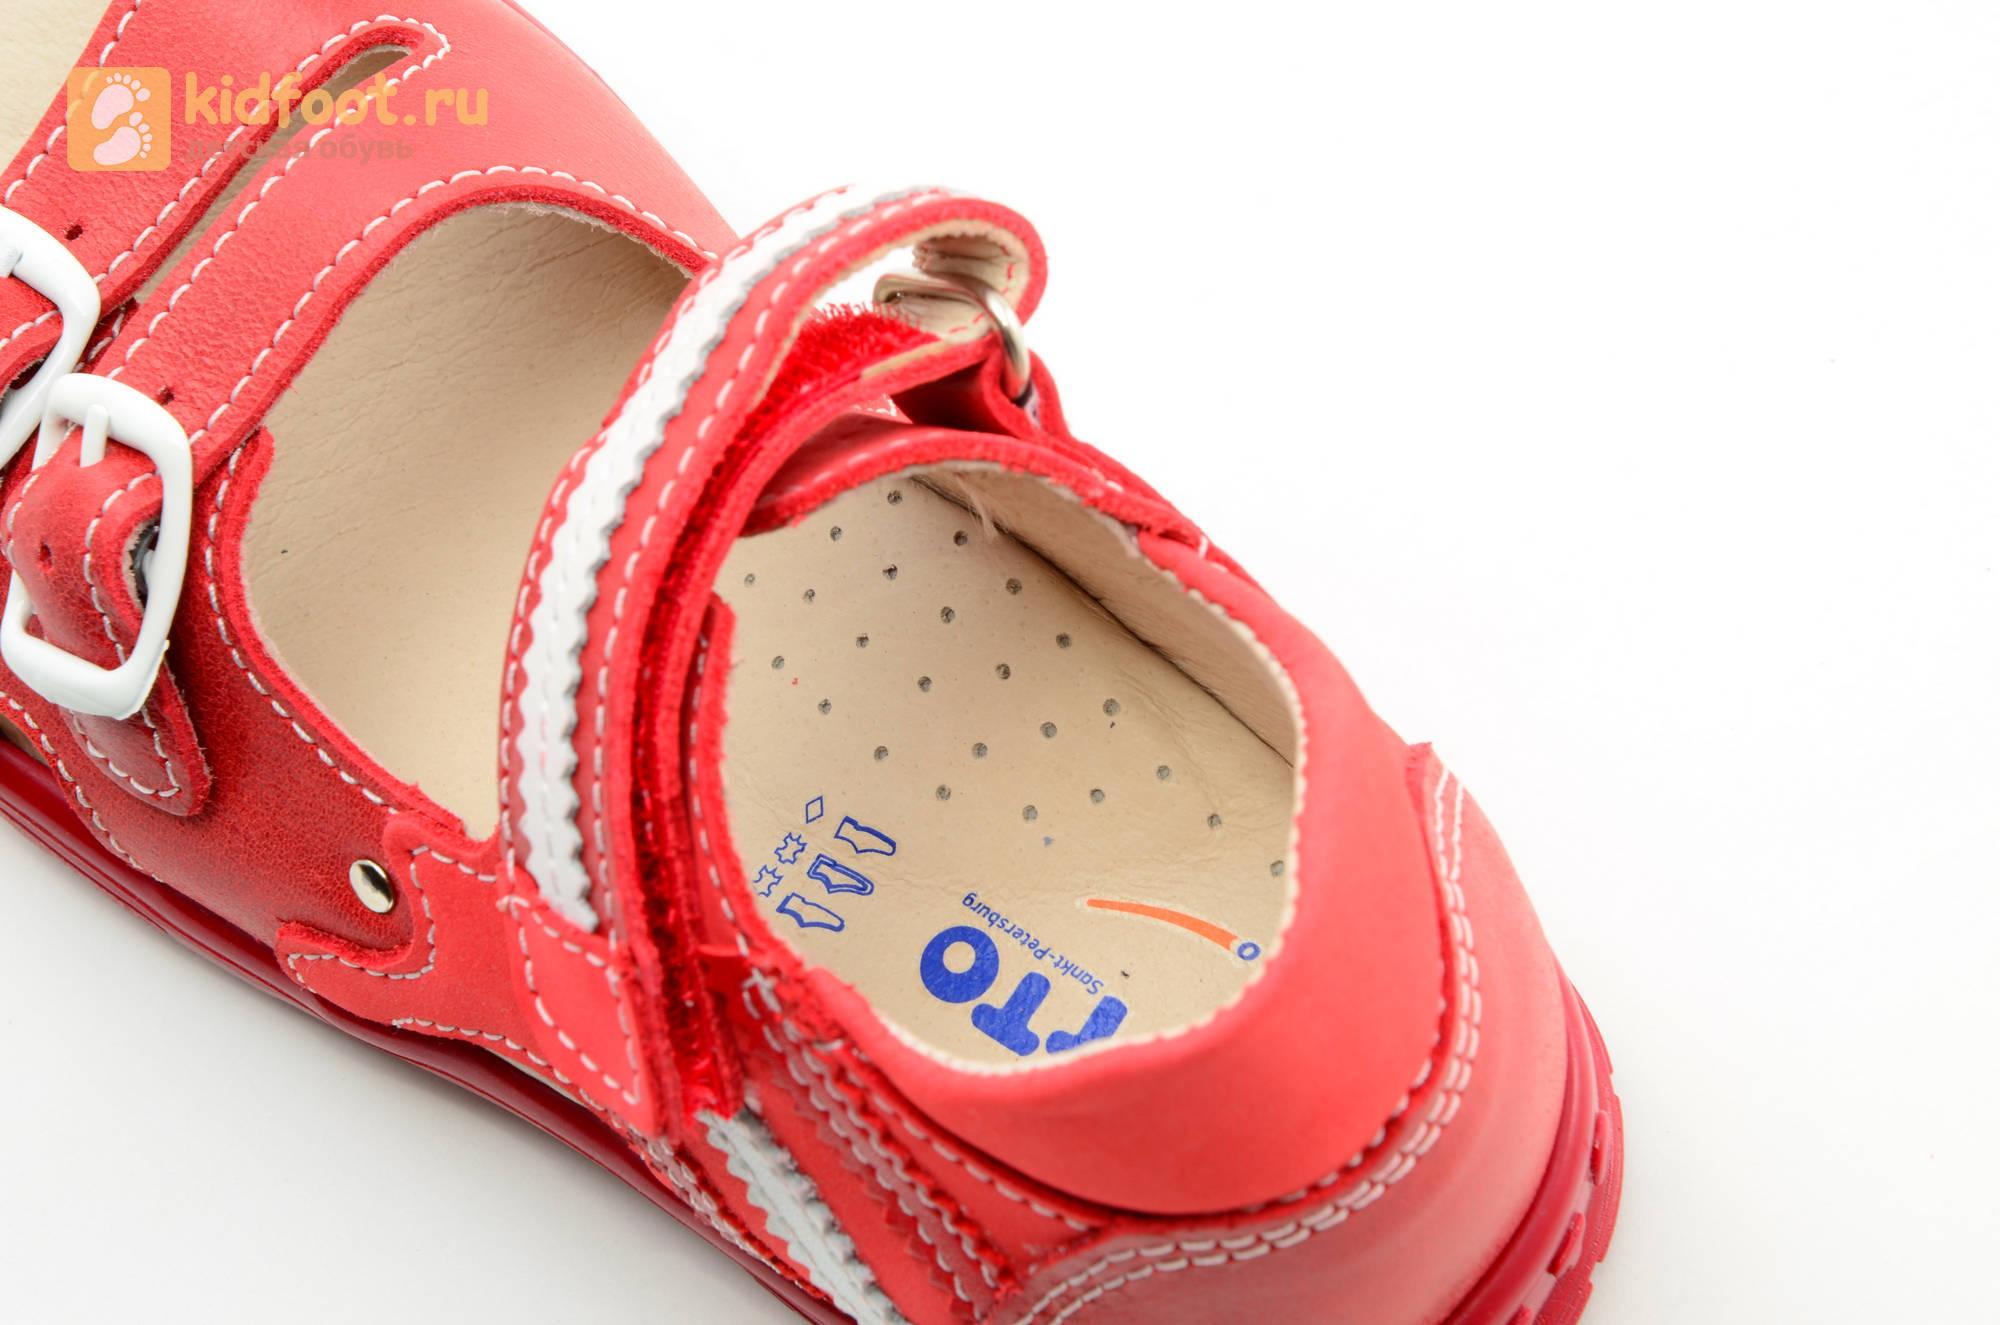 Босоножки Тотто из натуральной кожи с открытым носом для девочек, цвет Красный, 1082B